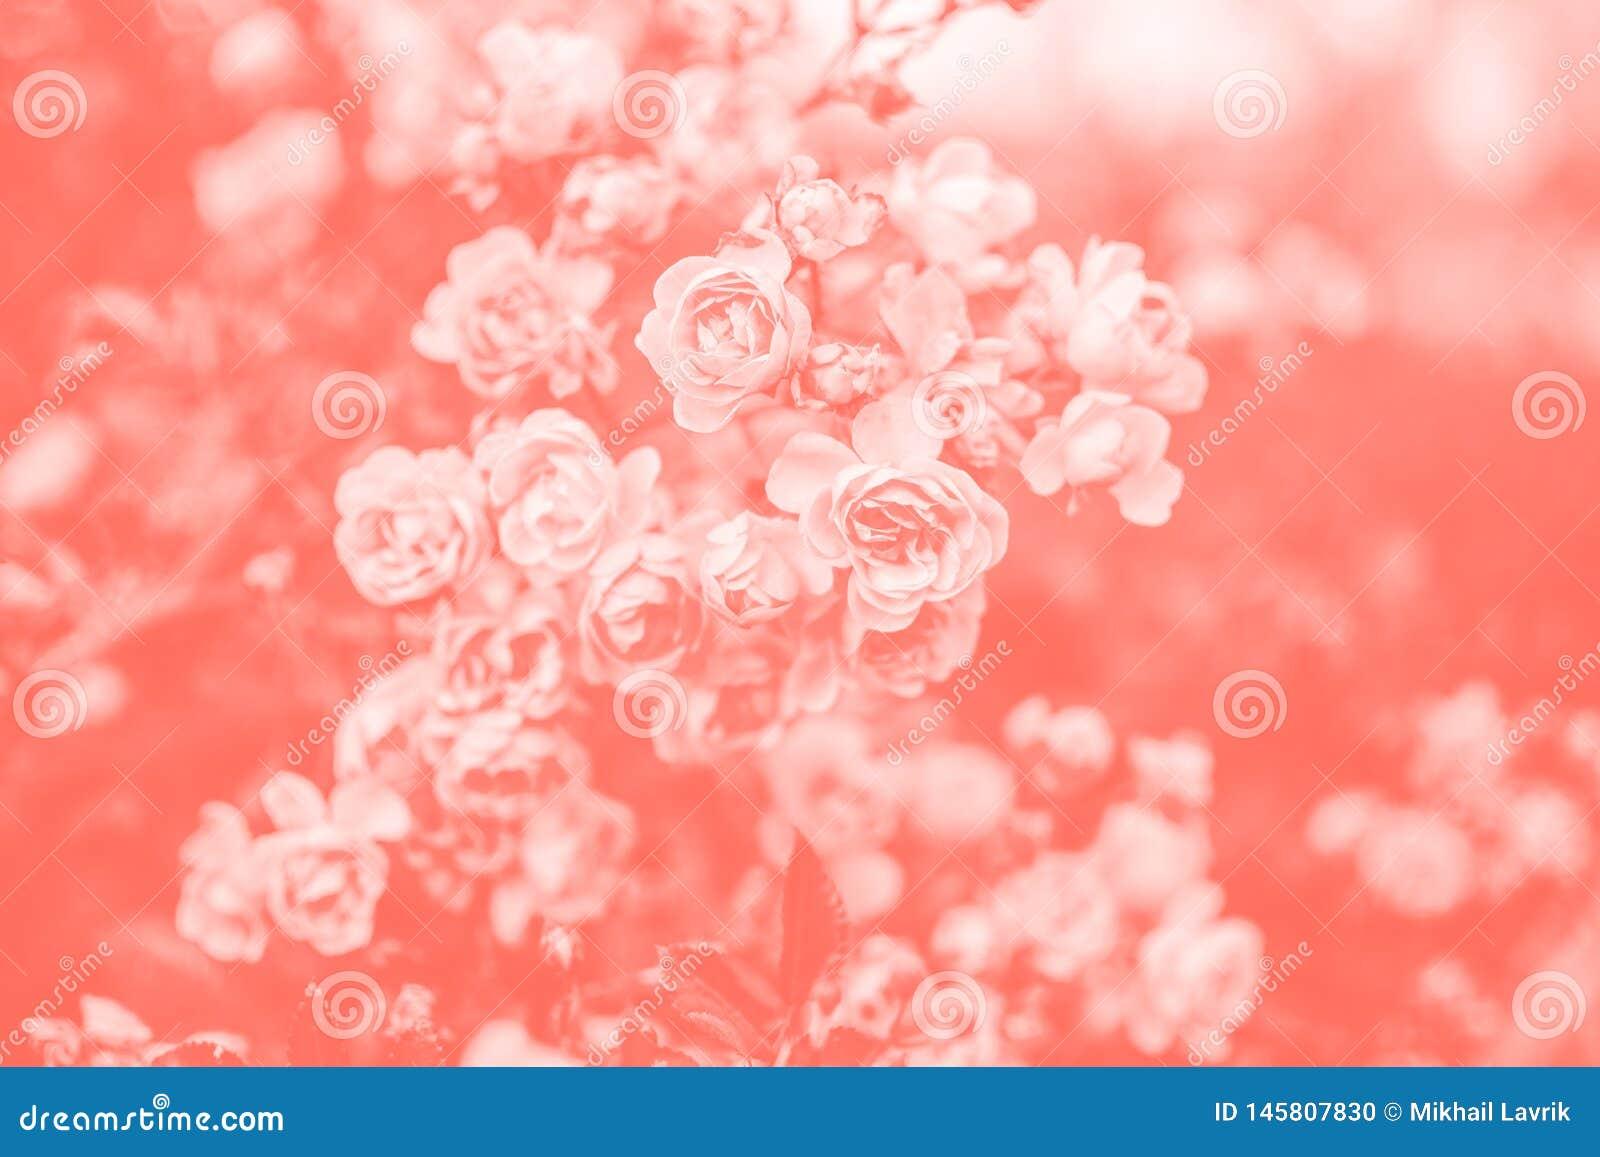 Rosas Fundo coral de vida